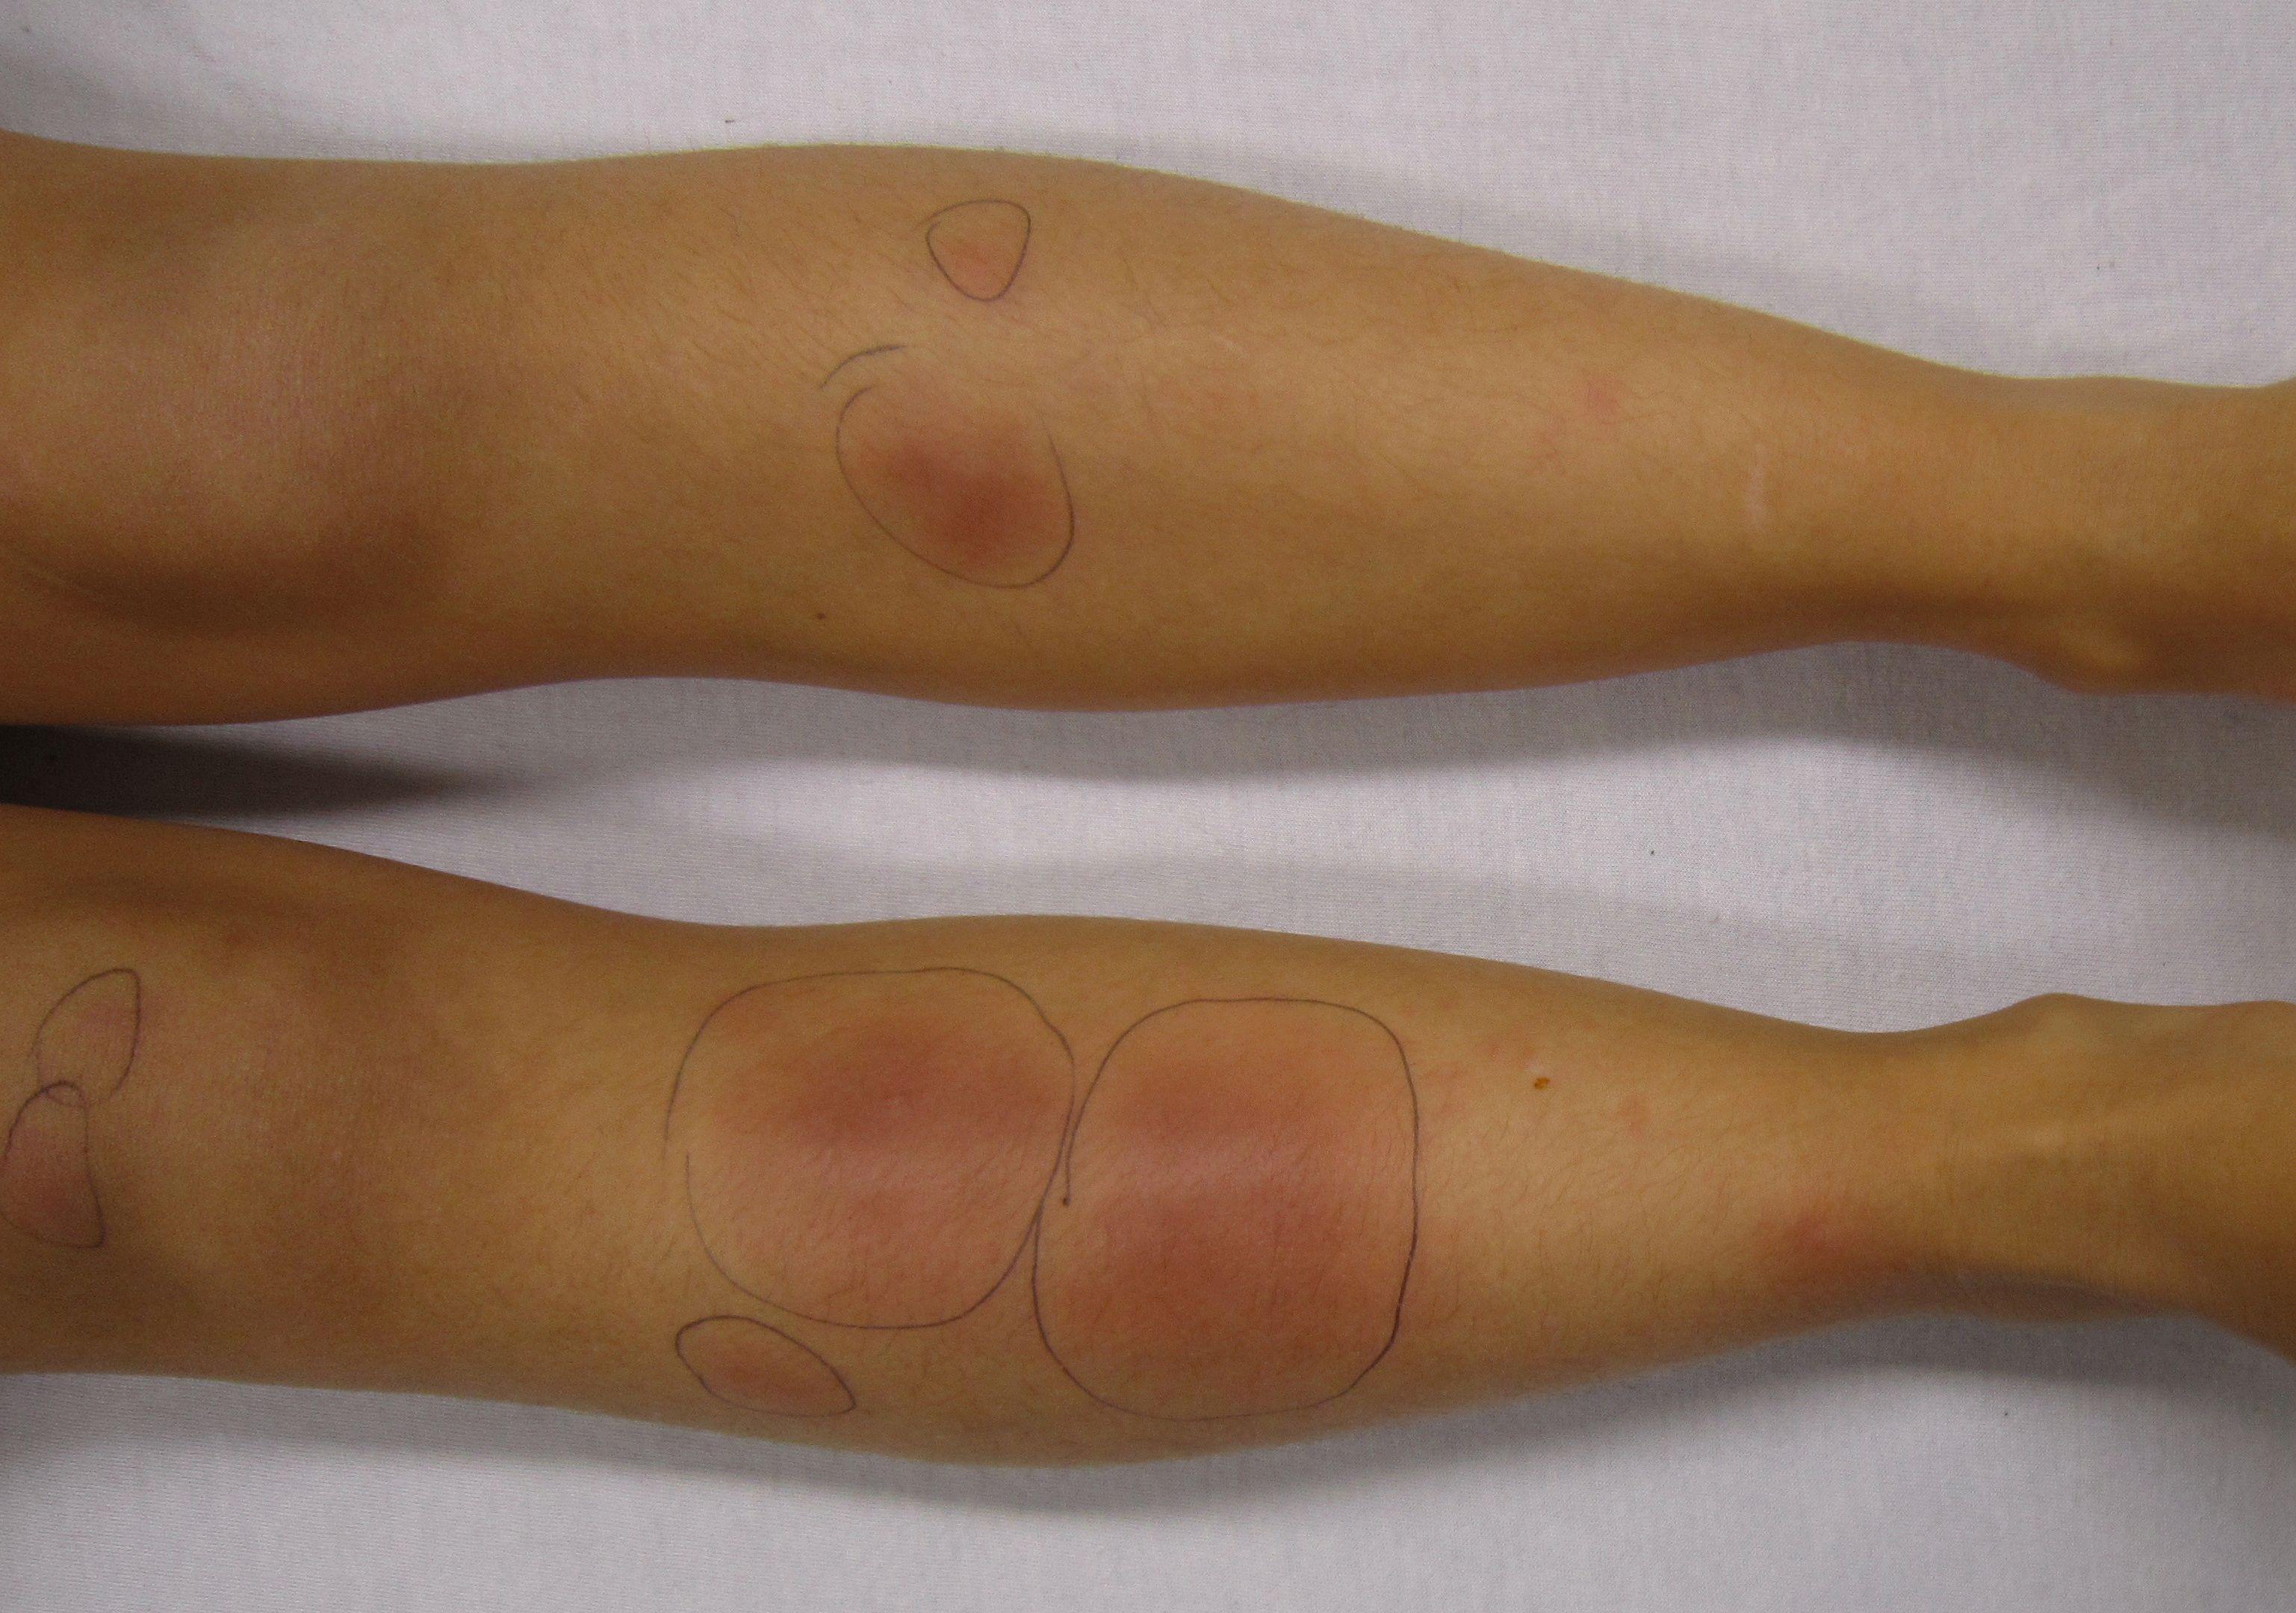 Узловатая эритема симптомы и лечение